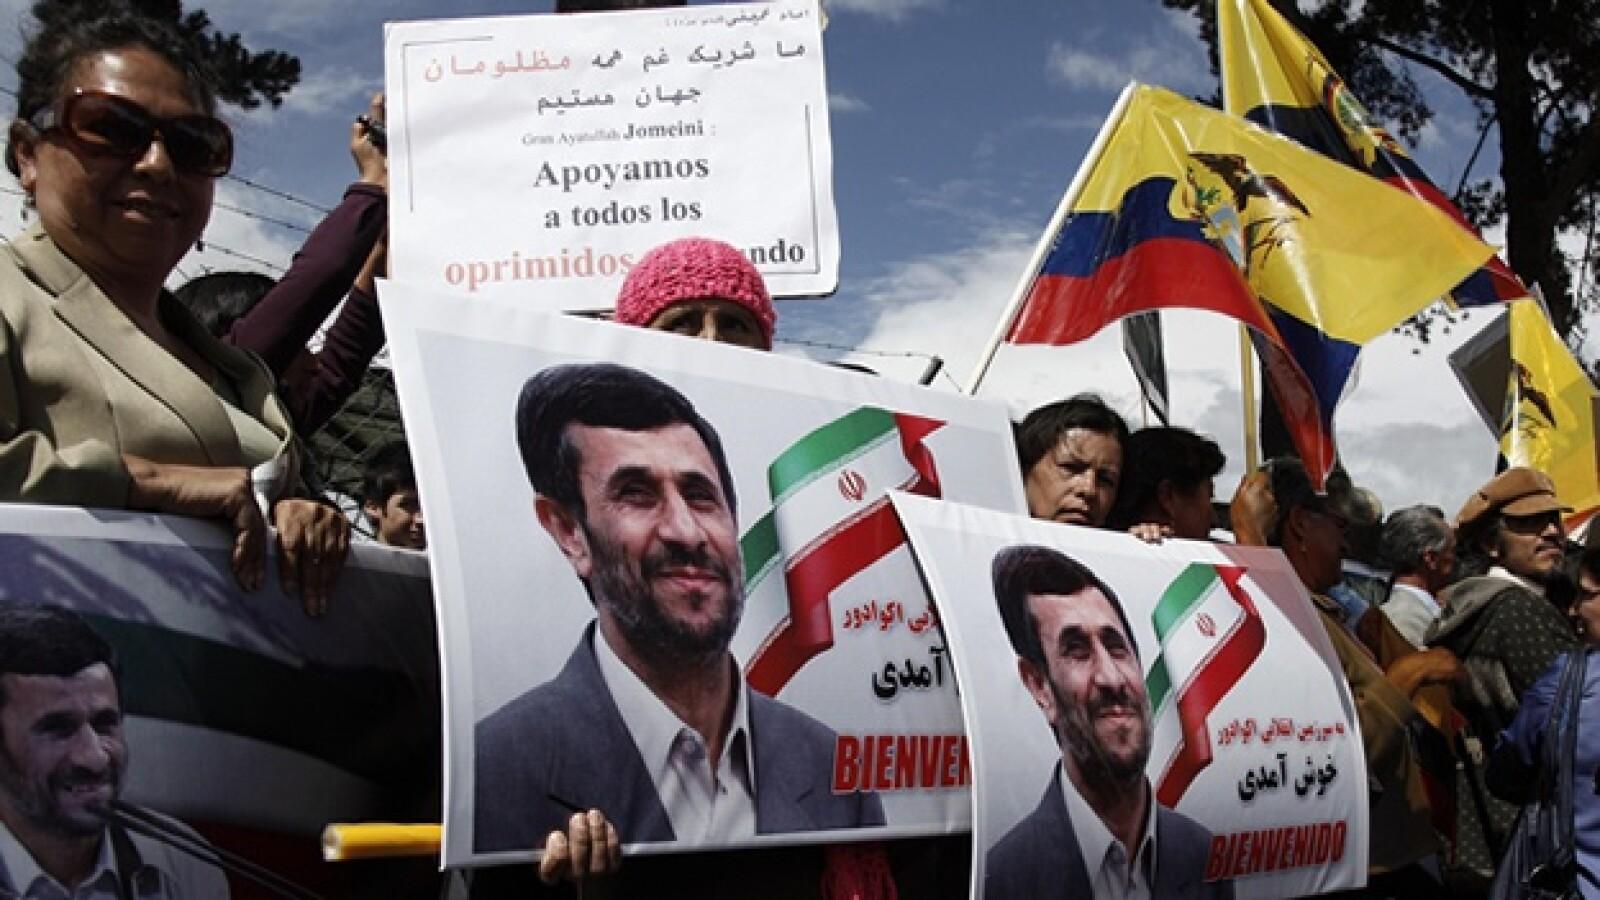 Gente recibe a presidente de Iran